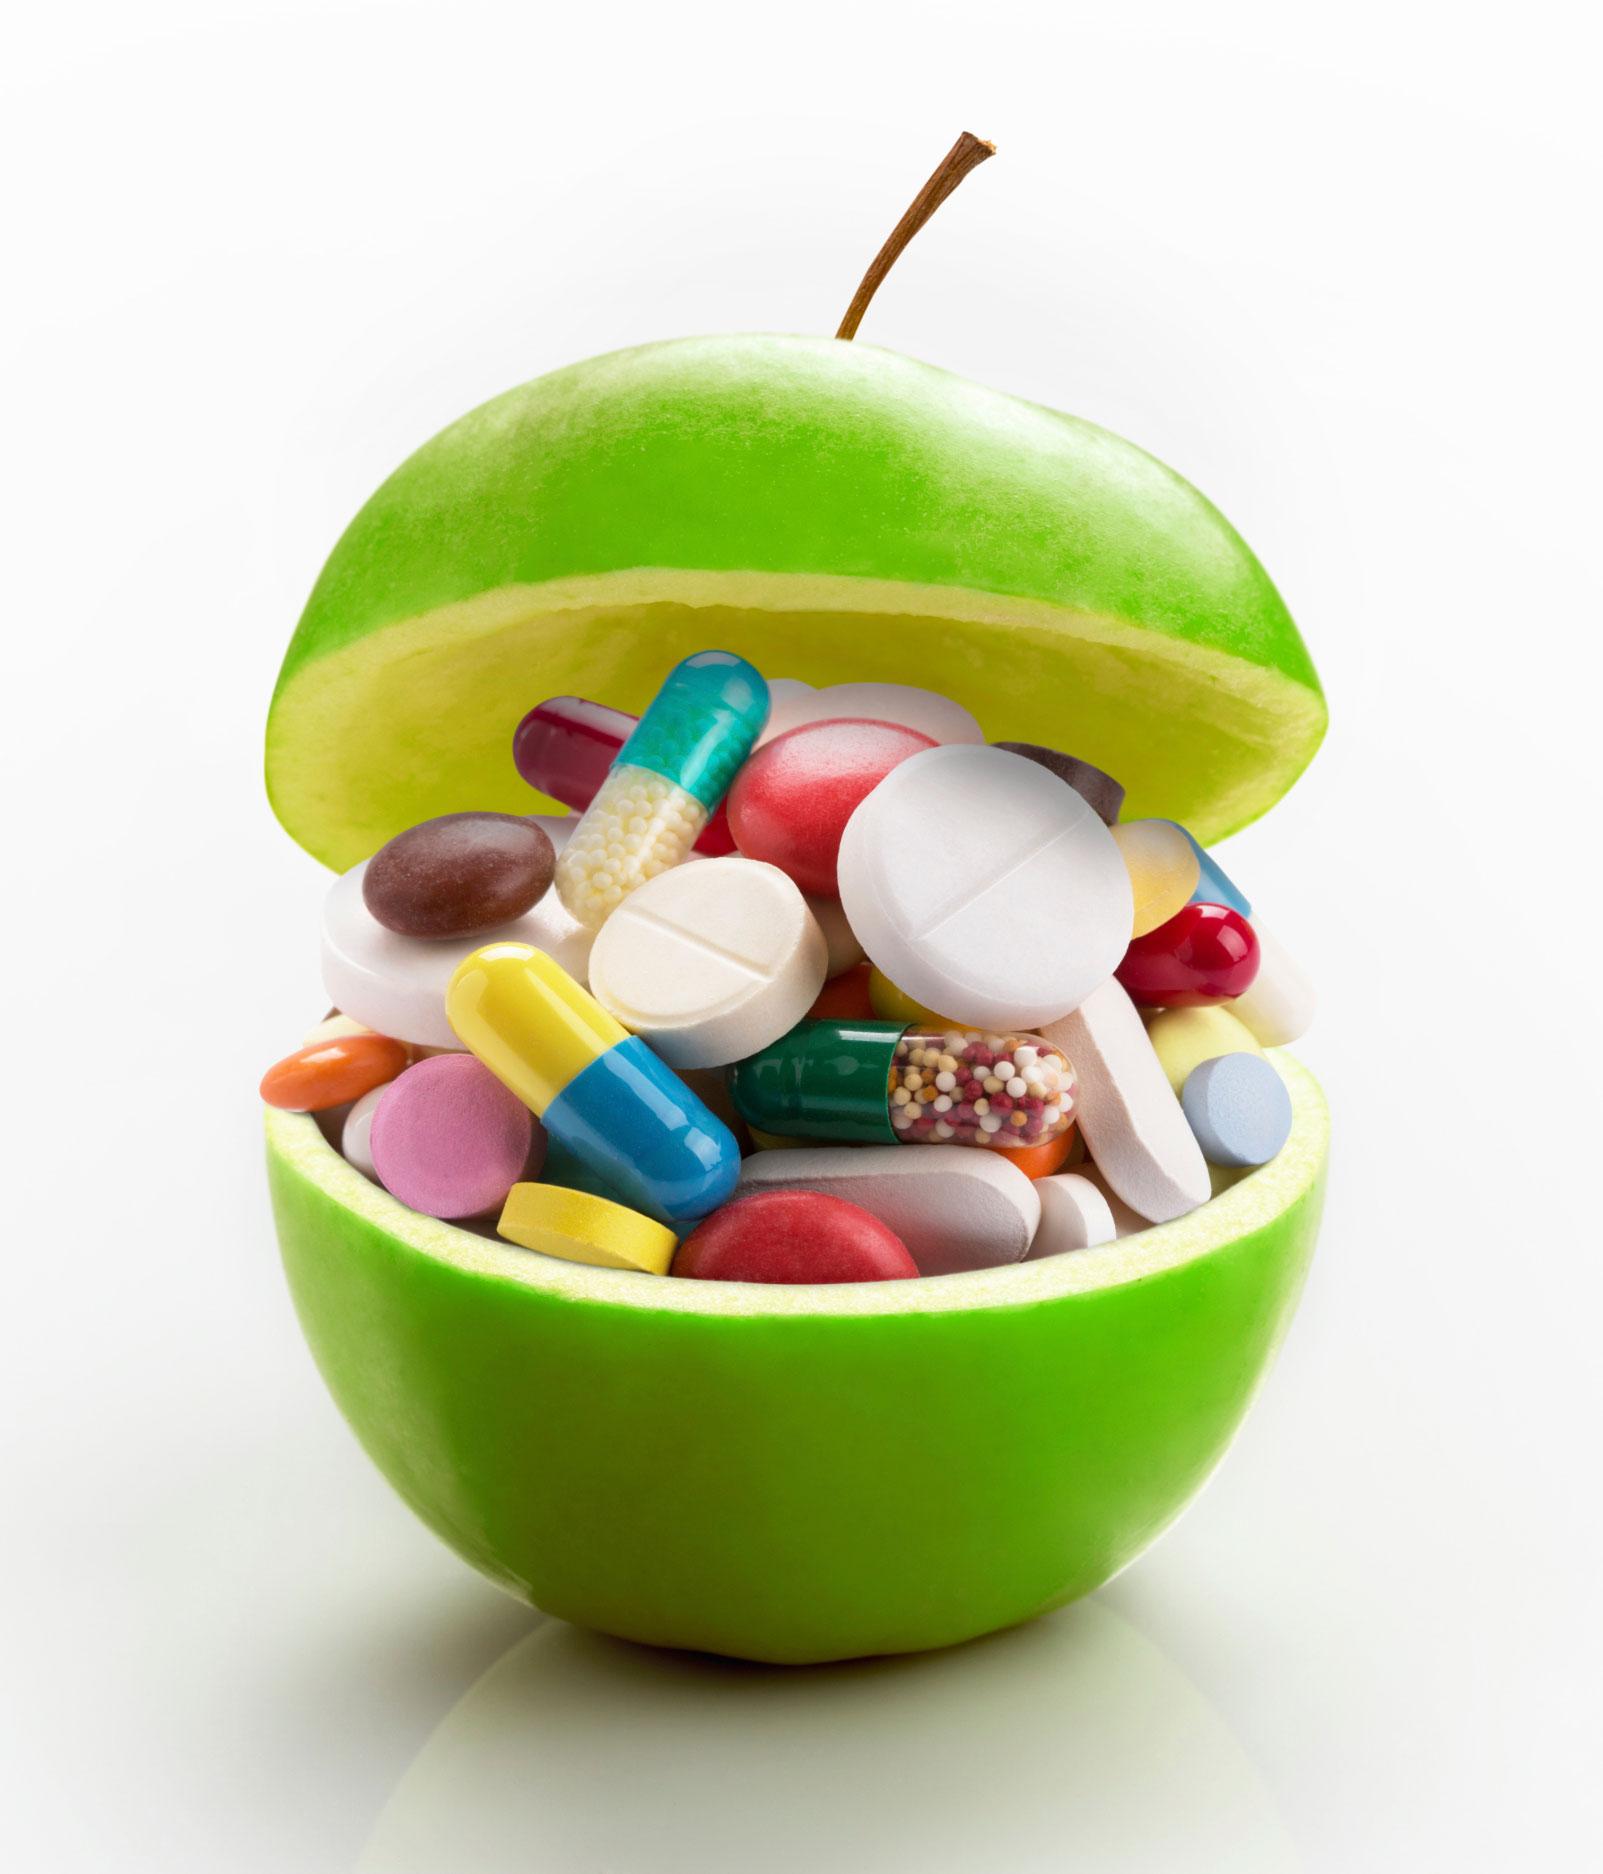 Κύρια φωτογραφία για το άρθρο: Συμπληρώματα στην προπόνηση ή τη διατροφή σας;